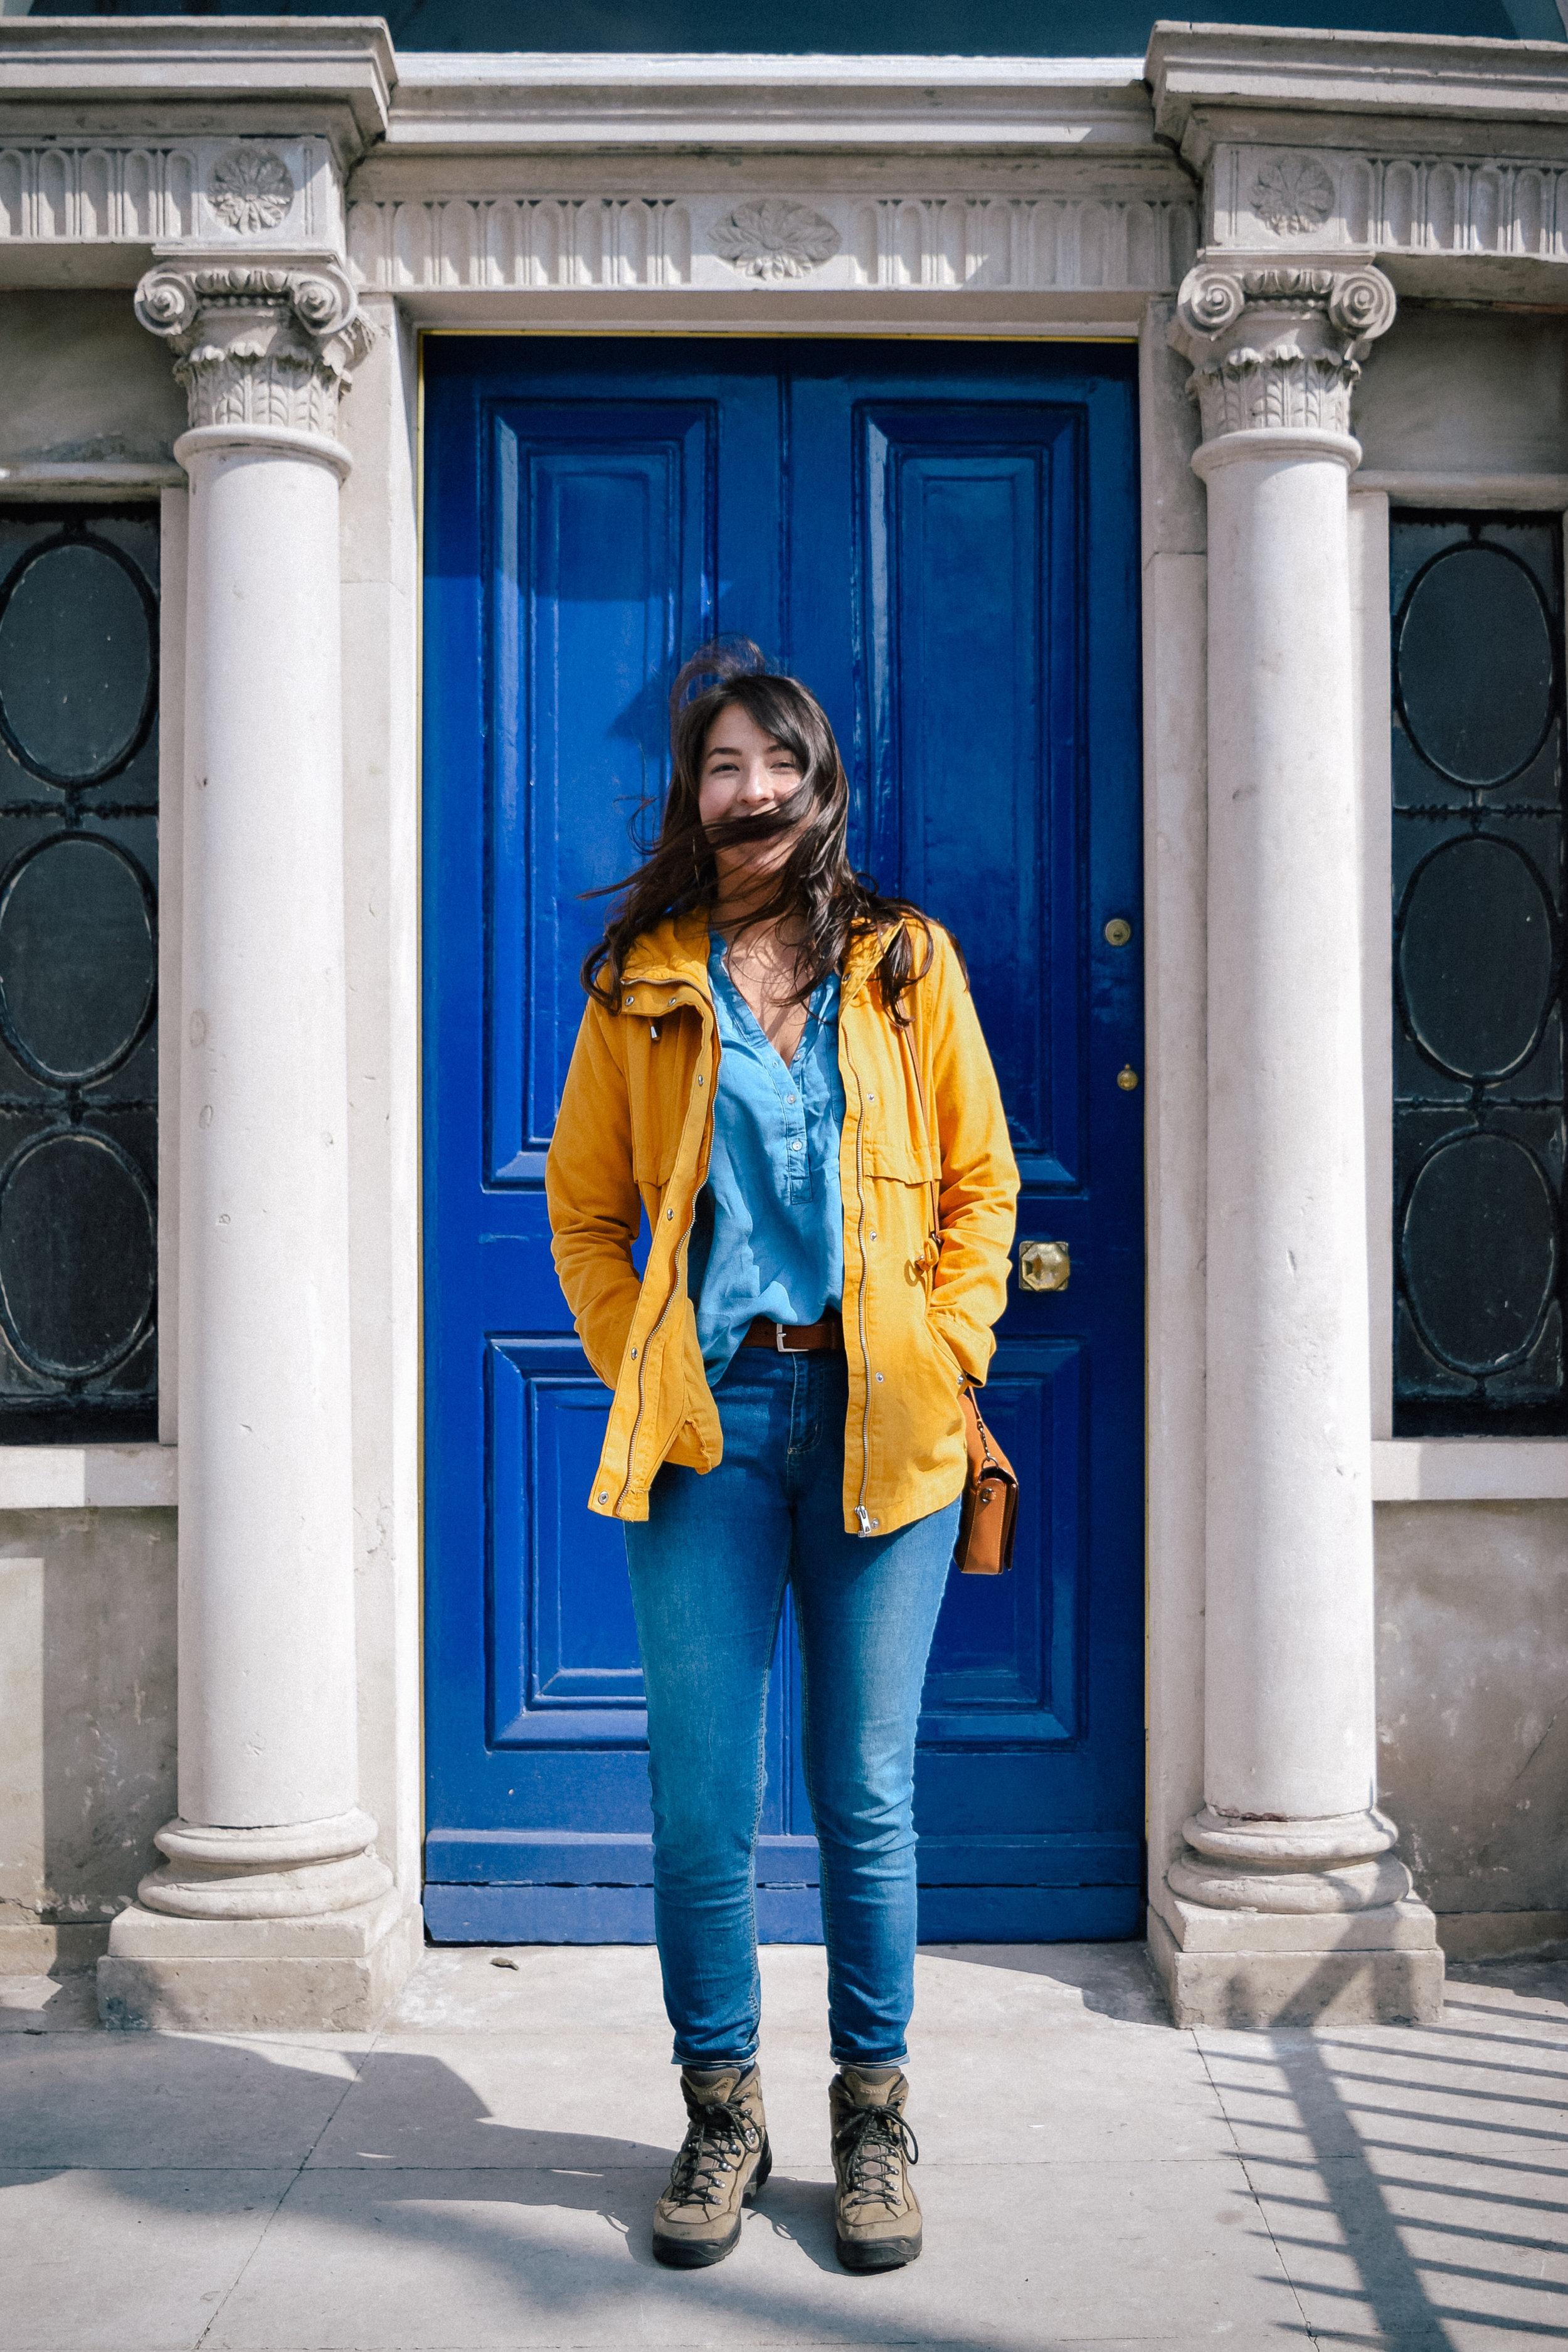 A blue door in Dublin